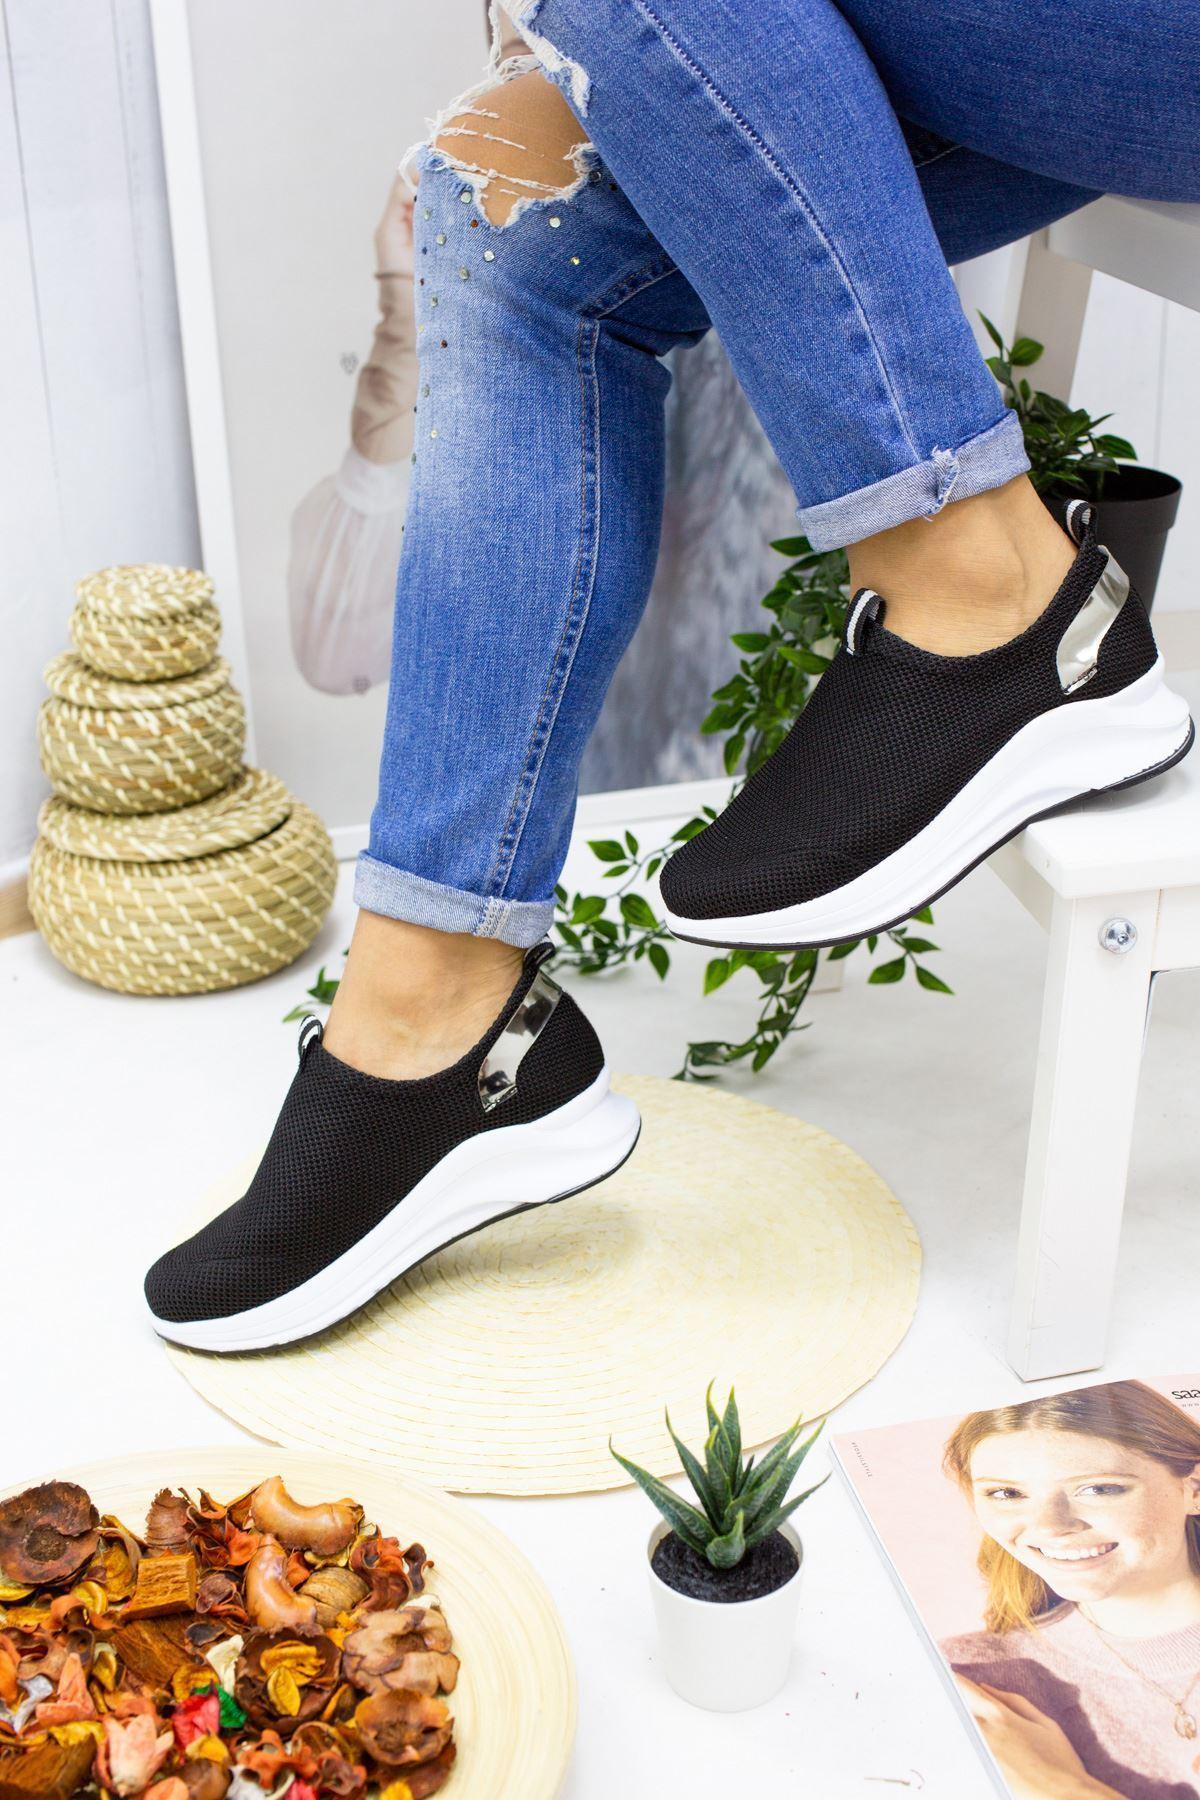 Sonya Siyah Kadın Spor Ayakkabı